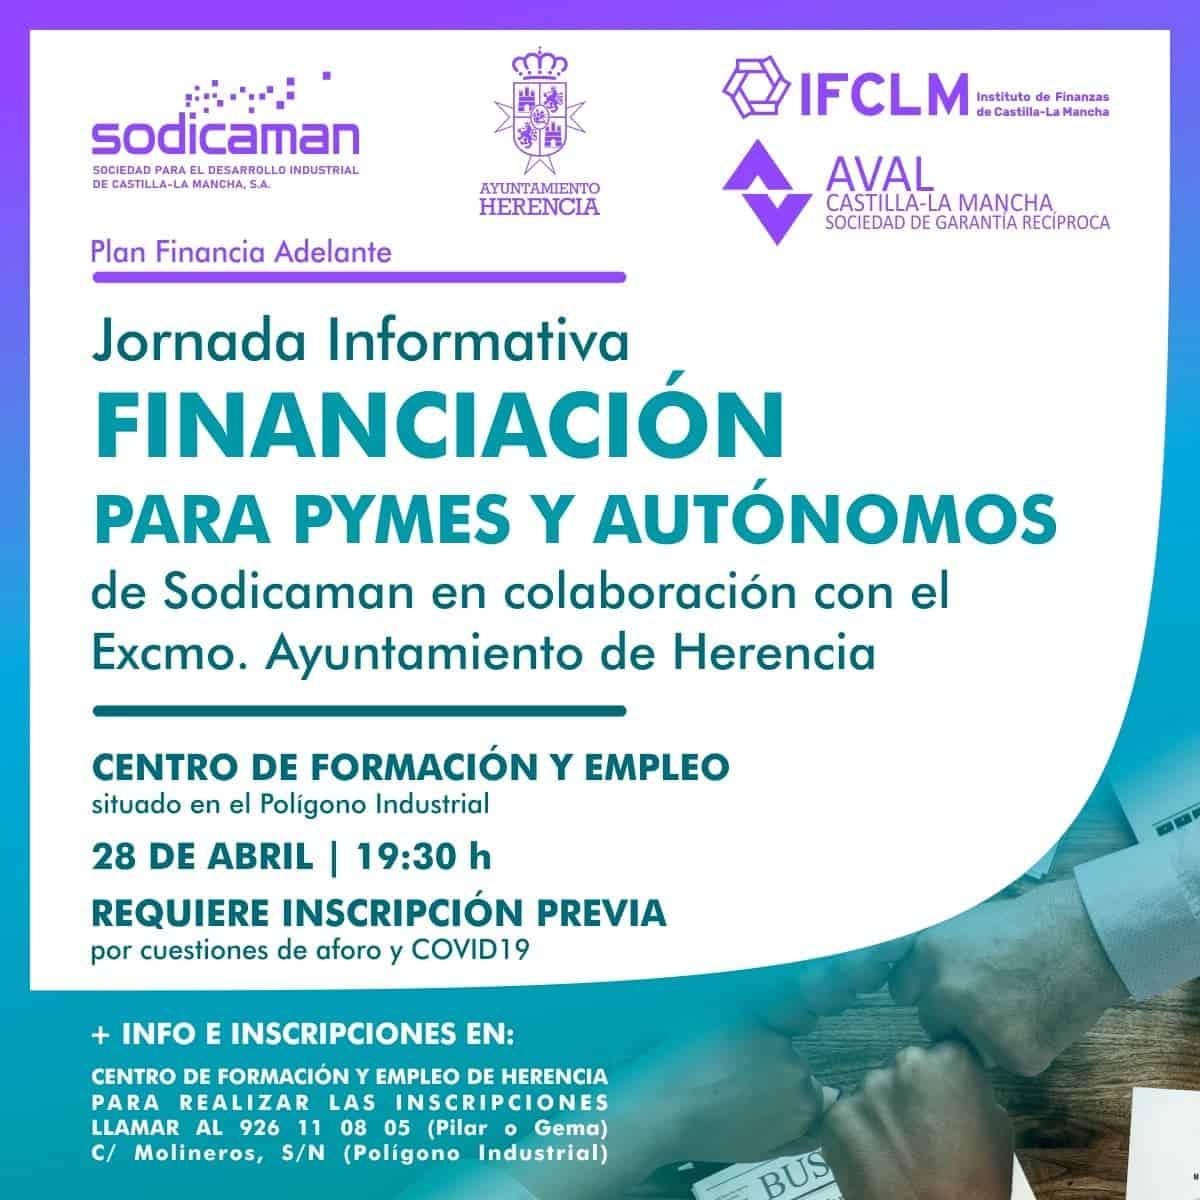 Sodicaman organiza una Jornada Informativa sobre financiación para pymes y autónomos en Herencia 3